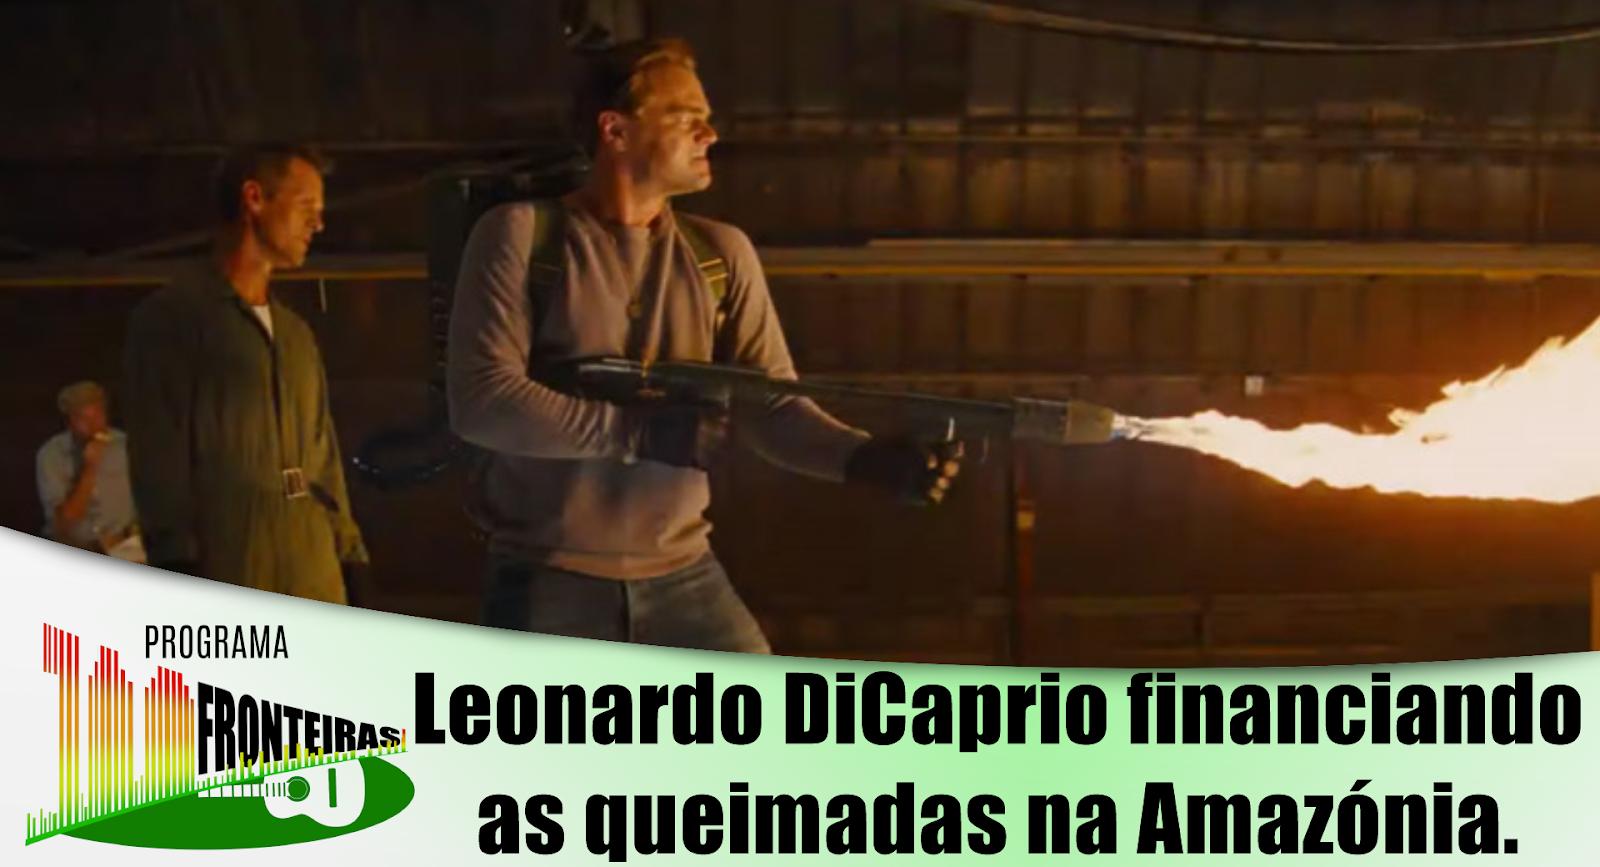 J. Alves fala sobre Leonardo DiCaprio financiando as queimadas | Programa 100 Fronteiras